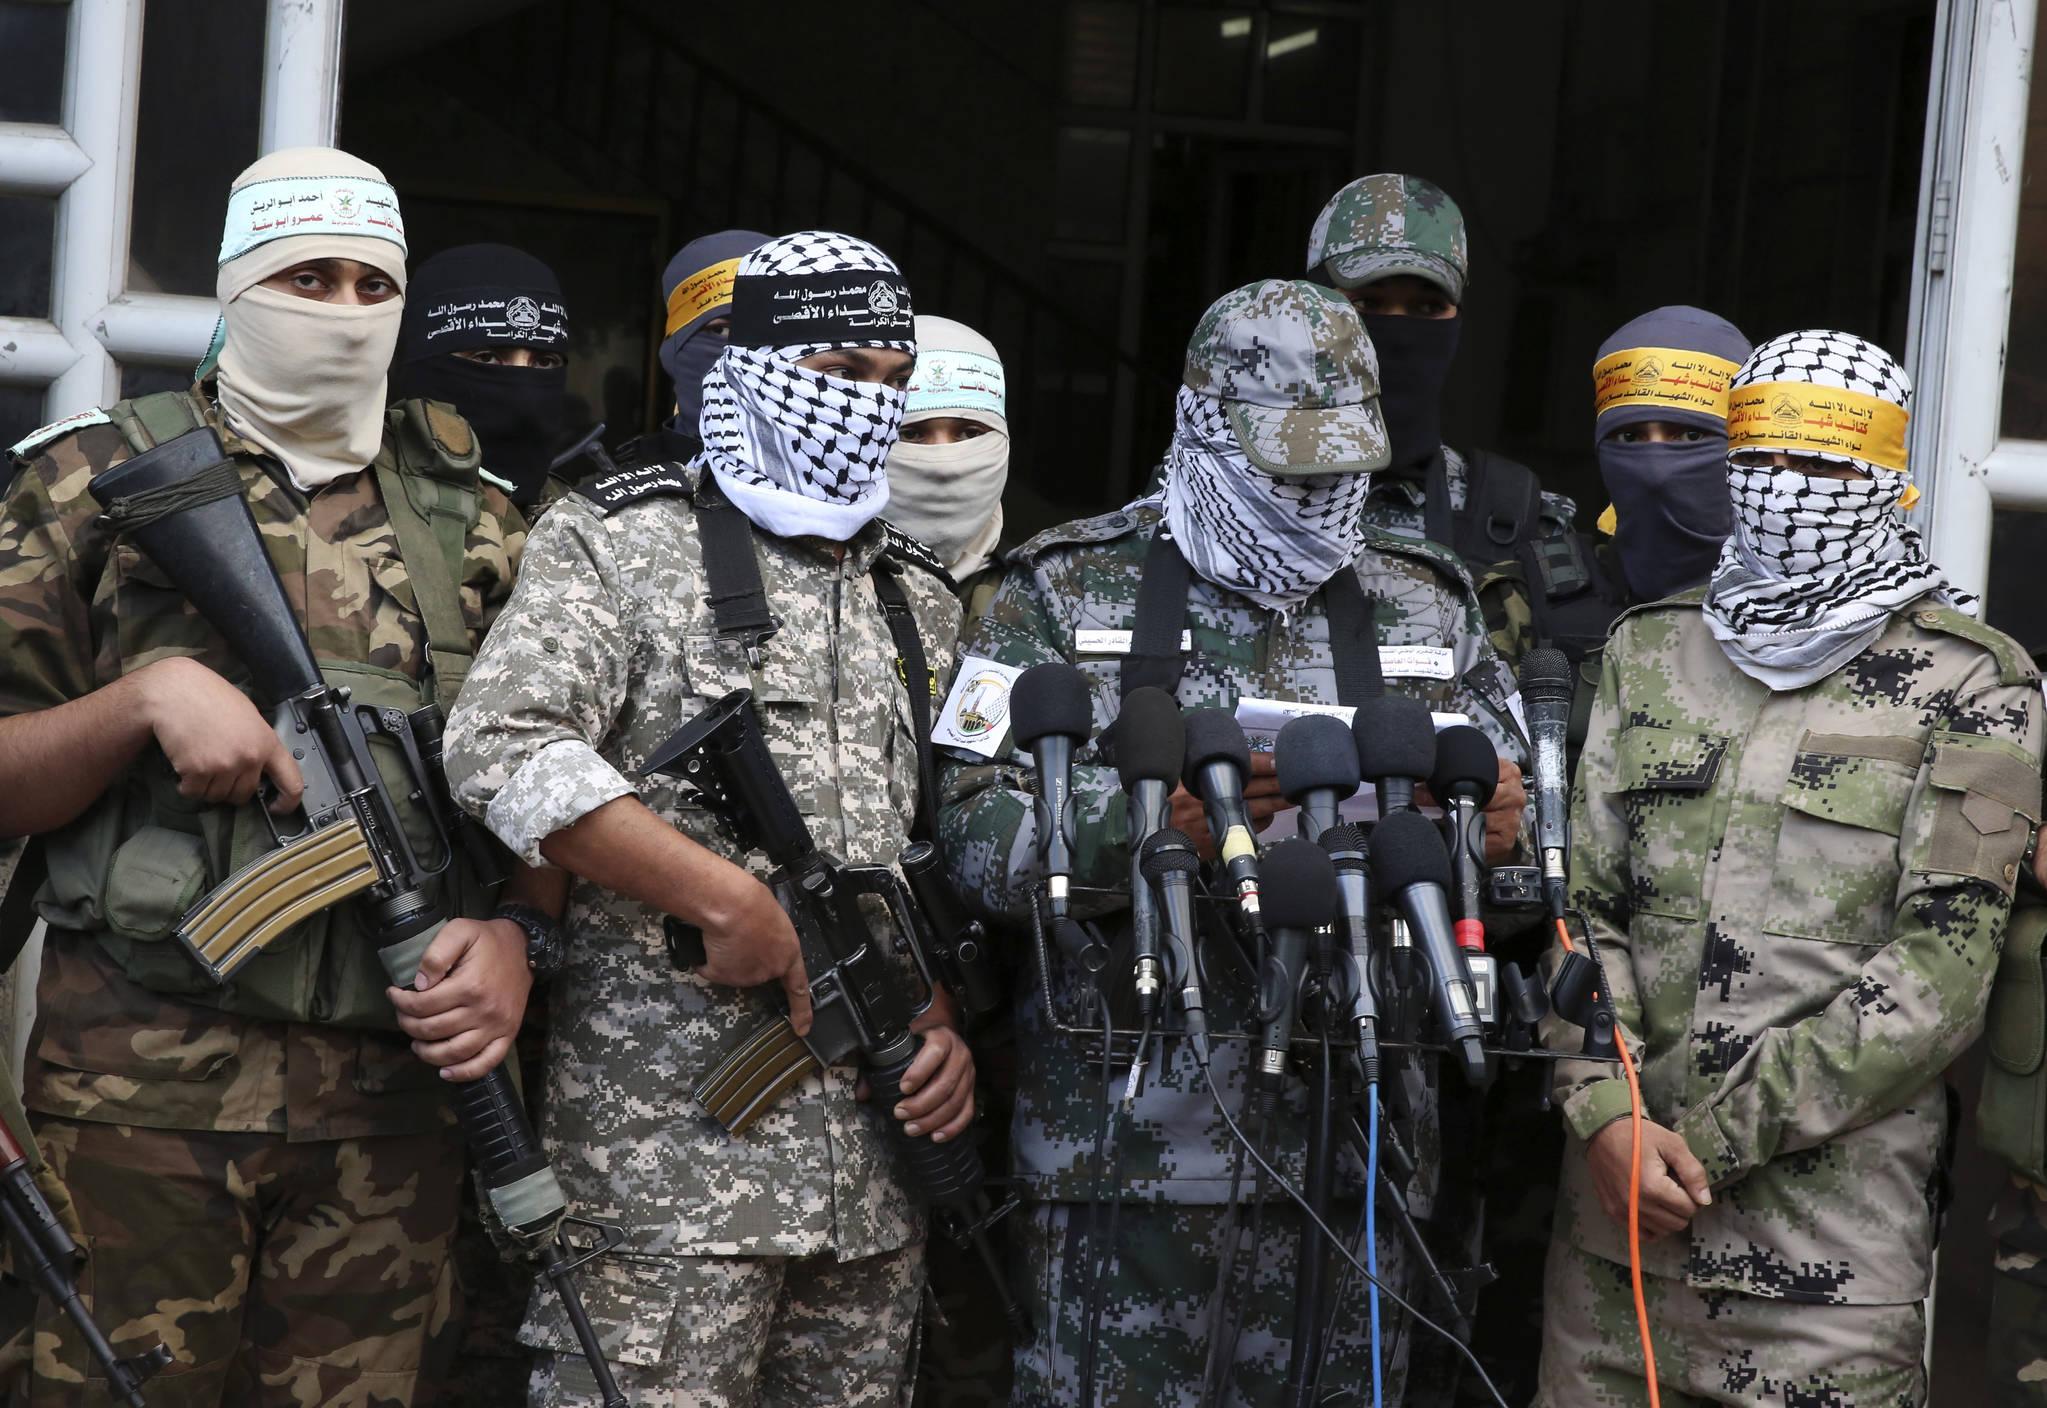 예루살렘 성전산에 있는 이슬람 성지인 알아크사 모스크를 지키는 '알아크사 순교자 여단' 소속 팔레스타인 민병대원들이 지난 7일 마스크를 쓰고 기자회견을 하고 있다. [AFP=연합뉴스]